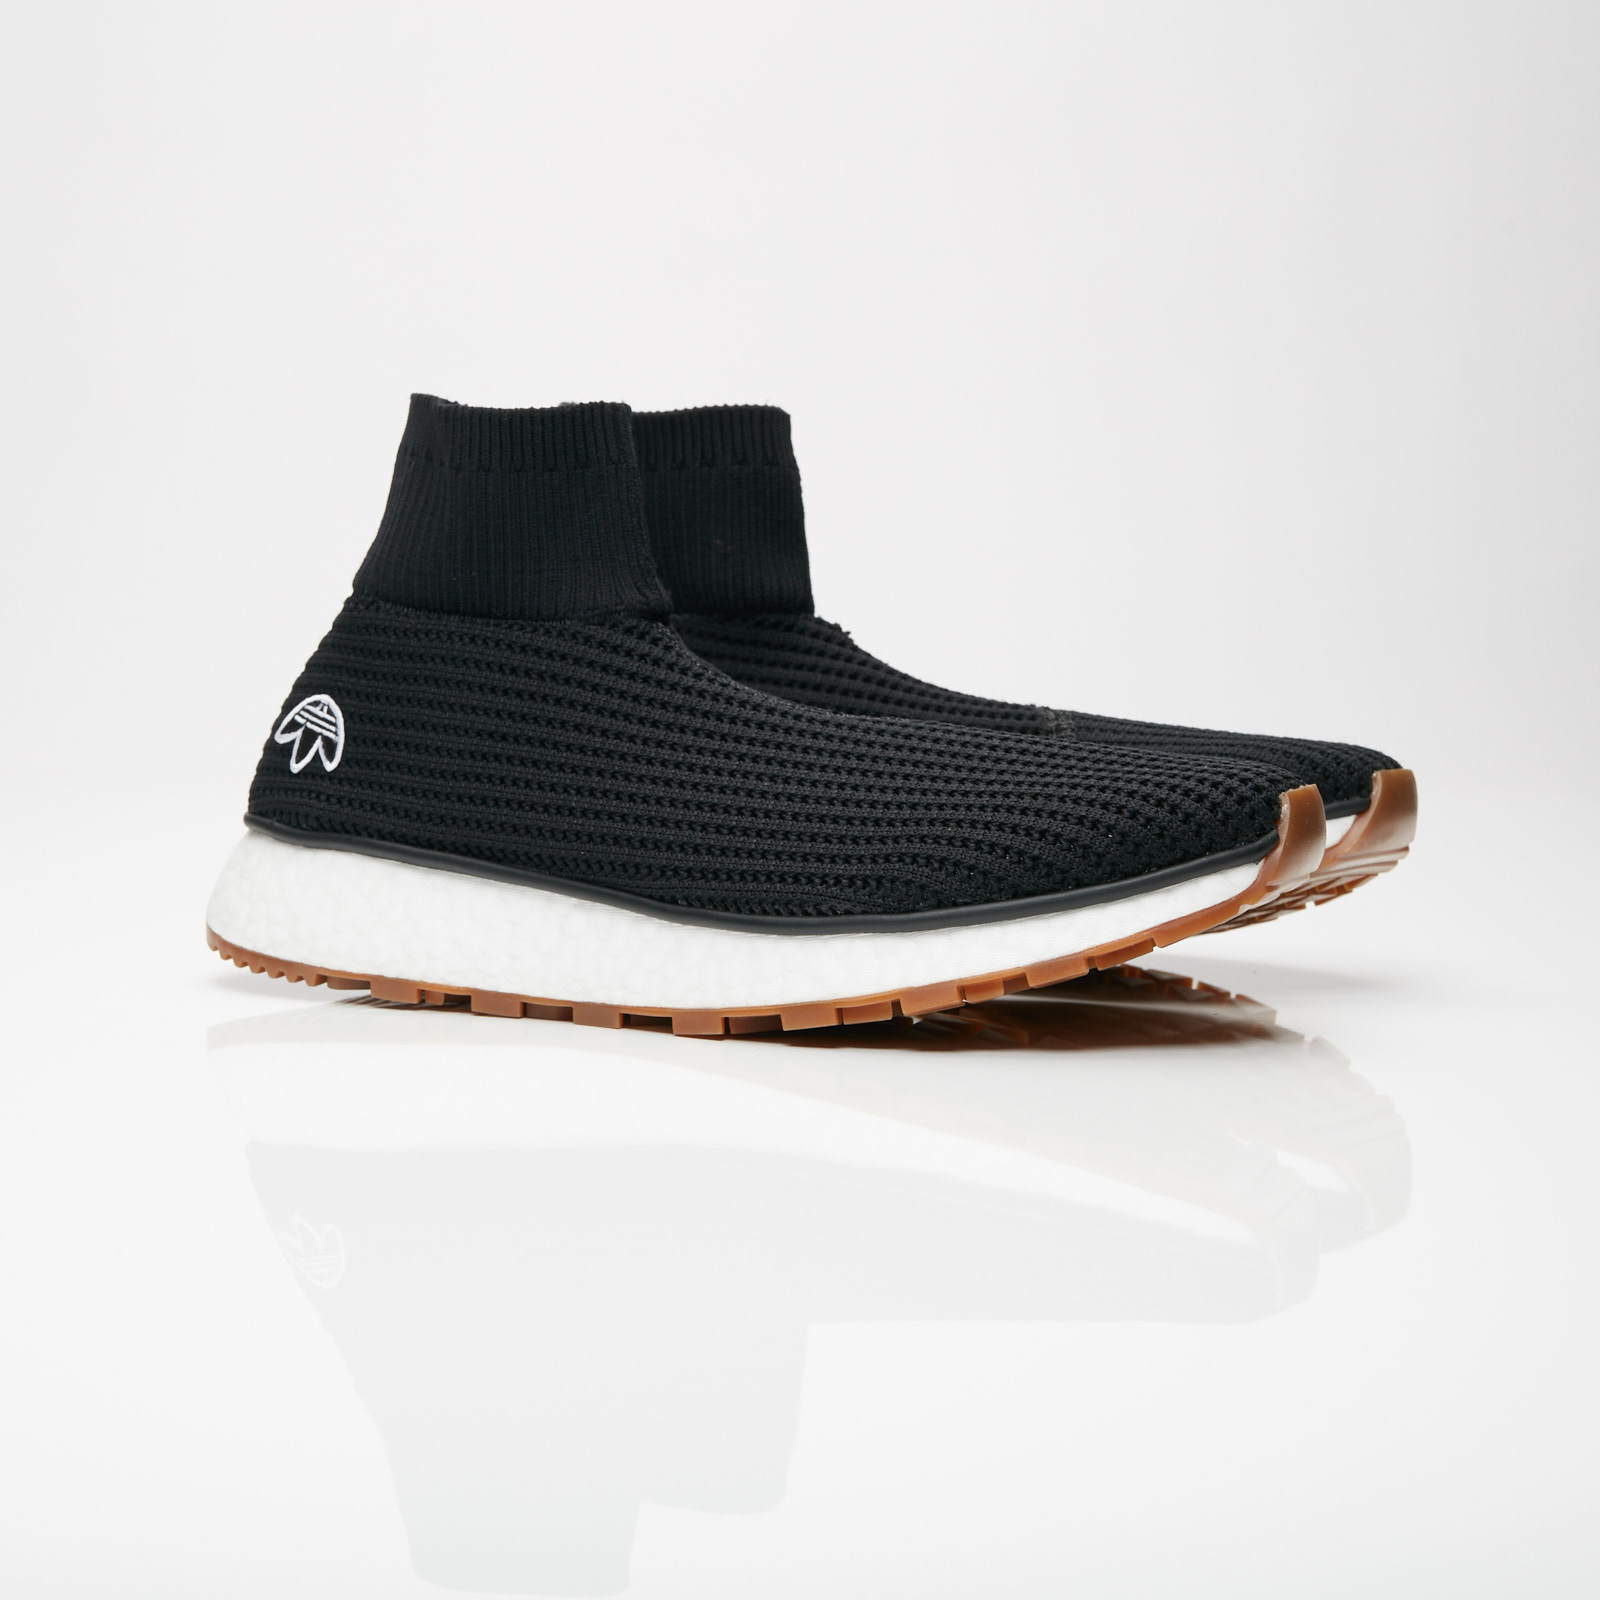 Adidas X Alexander Wang Run Clean White Boost, Stan Smith